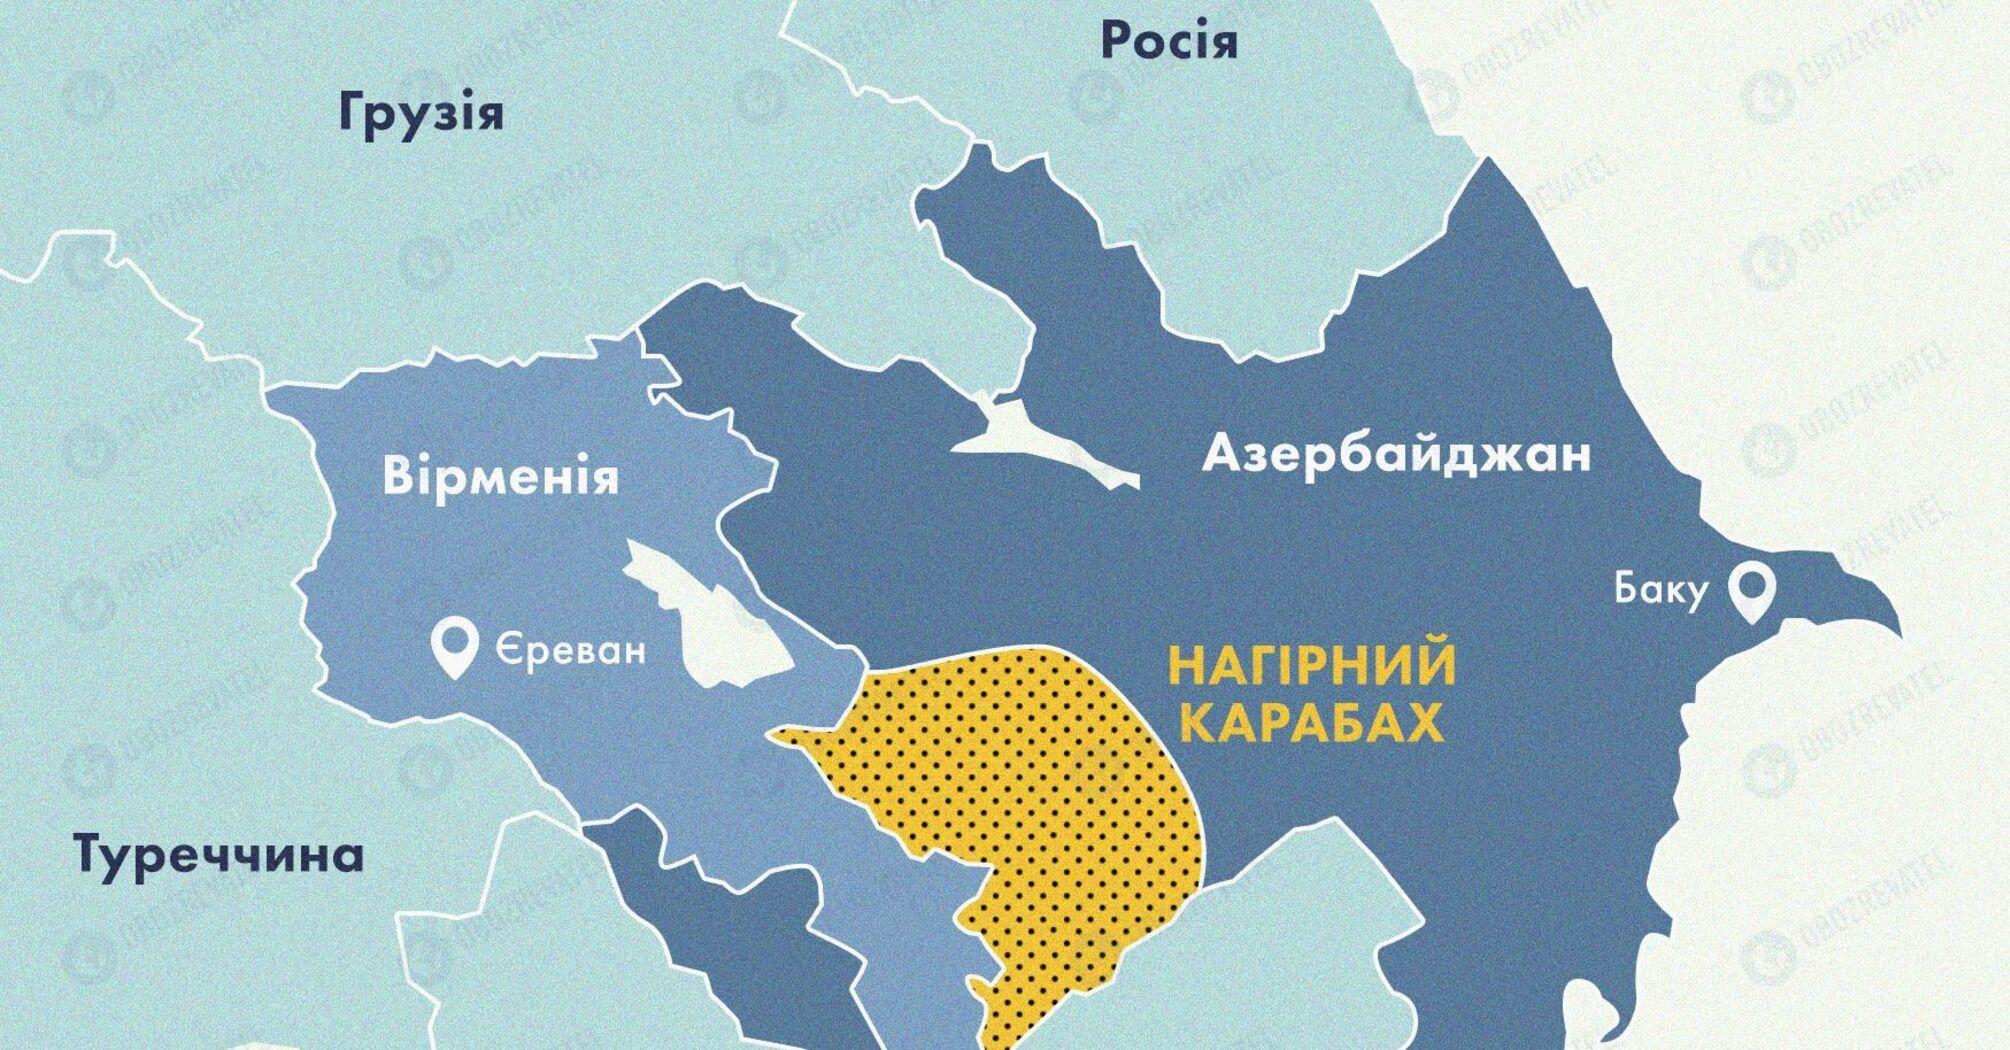 Турция заявила о поддержке Азербайджана в Карабахе